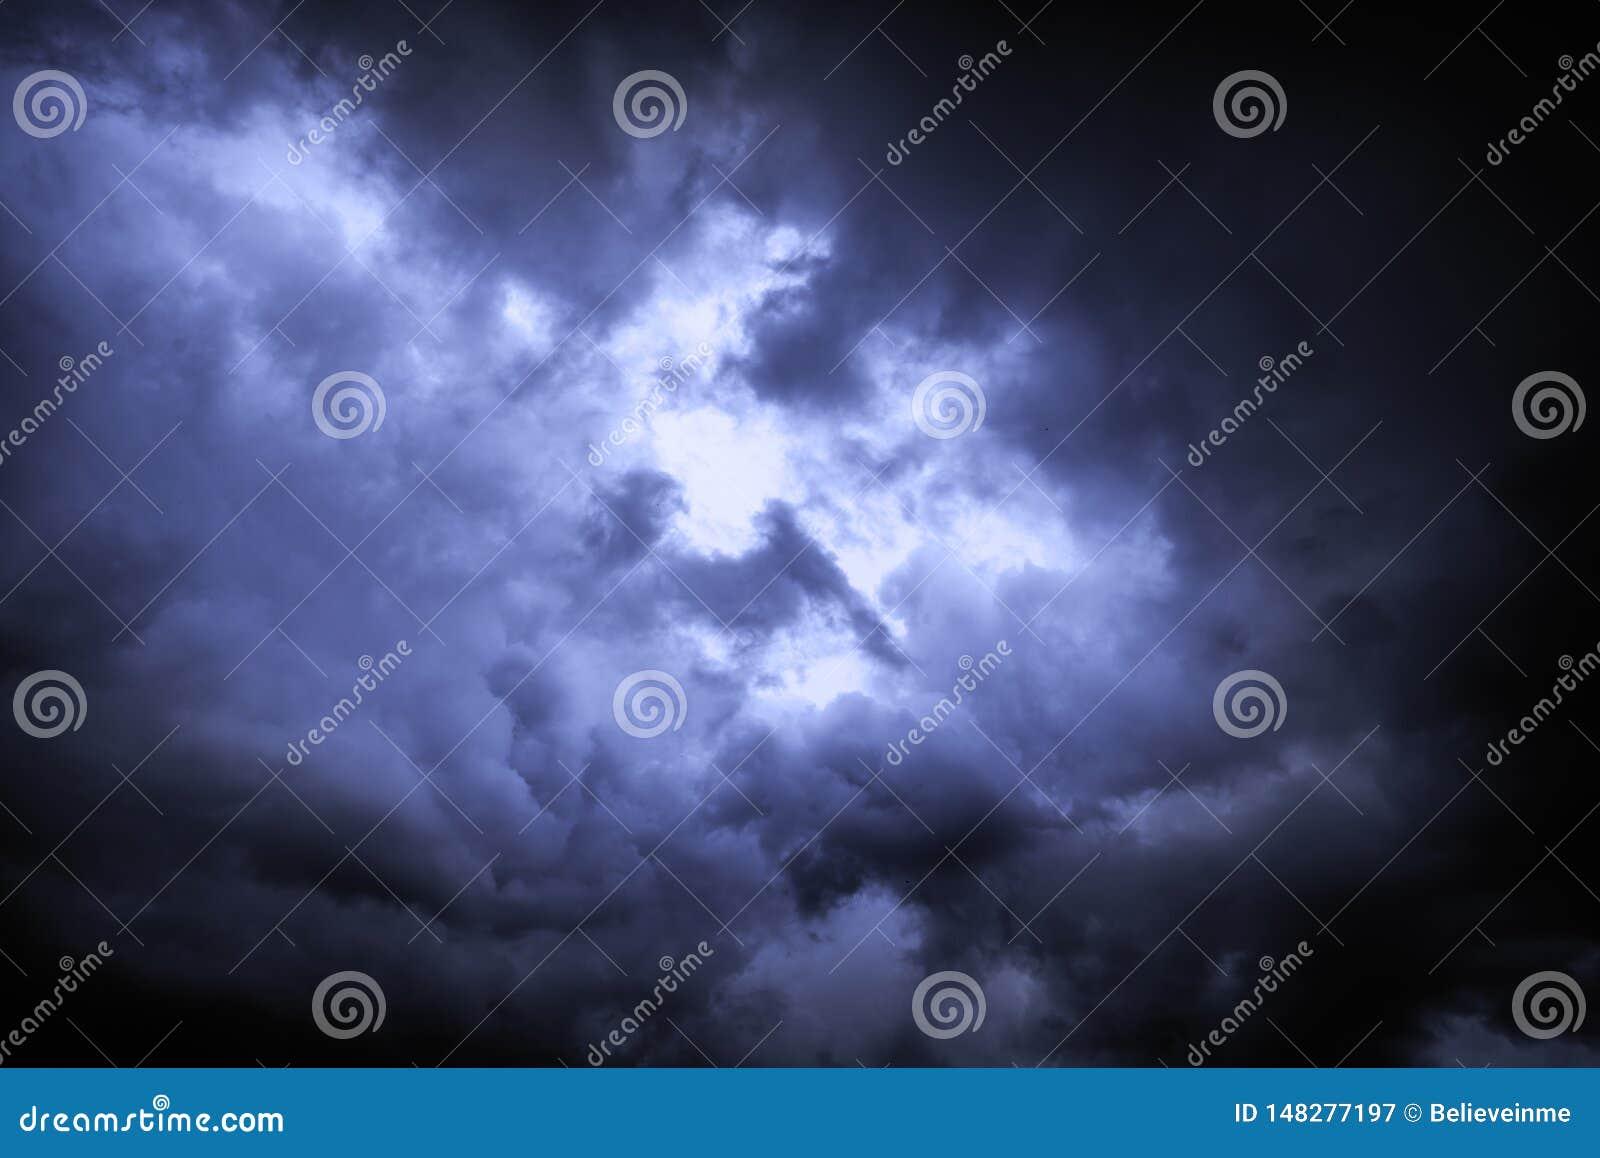 Ο ουρανός καλύπτεται με τα θλιβερά σύννεφα βροχής ως υπόβαθρο